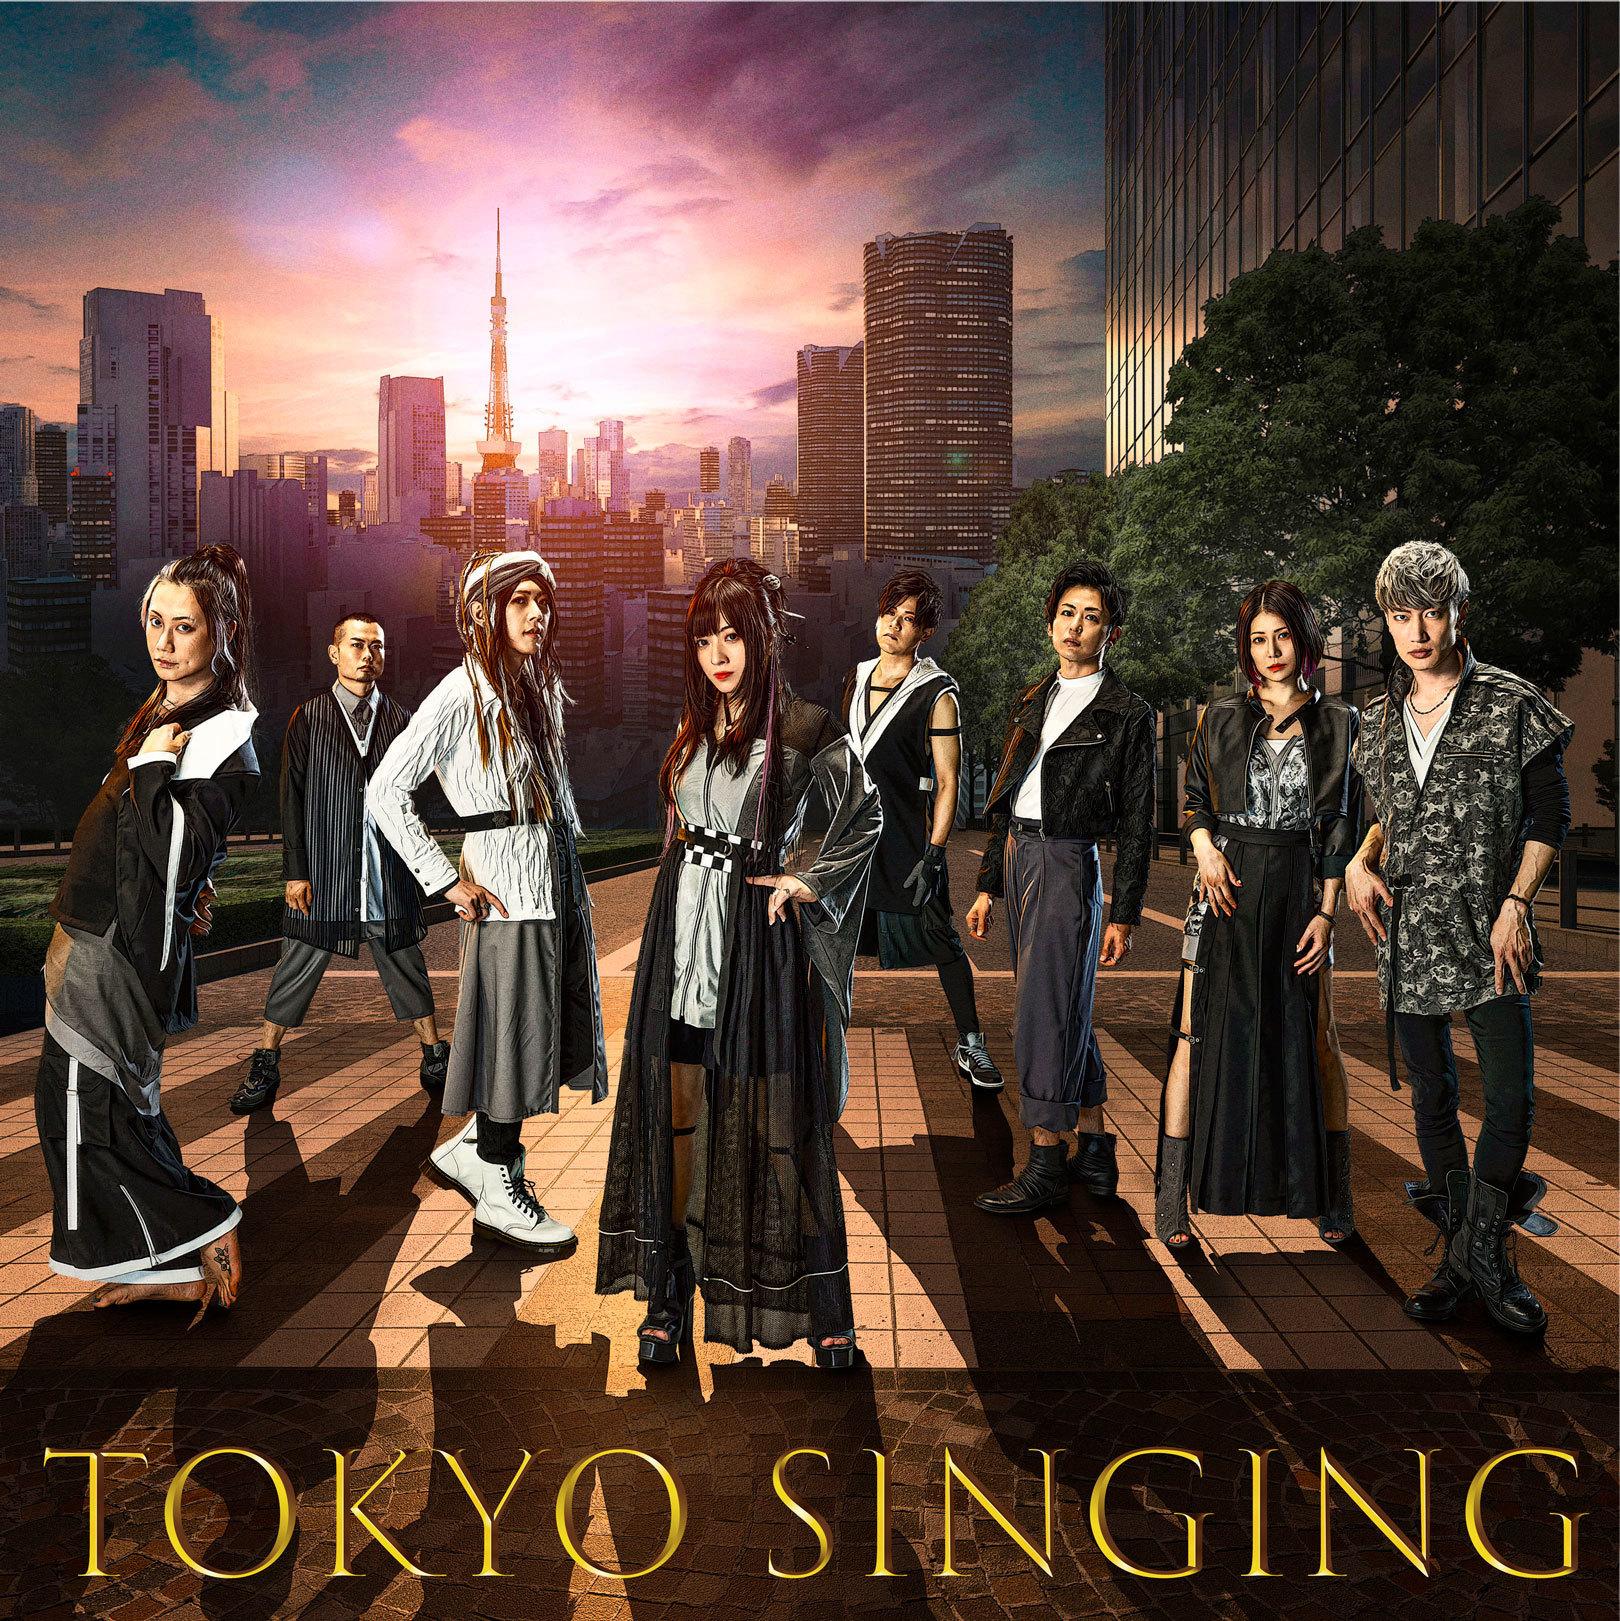 初回限定映像盤(CD+Blu-ray付orCD+DVD付)